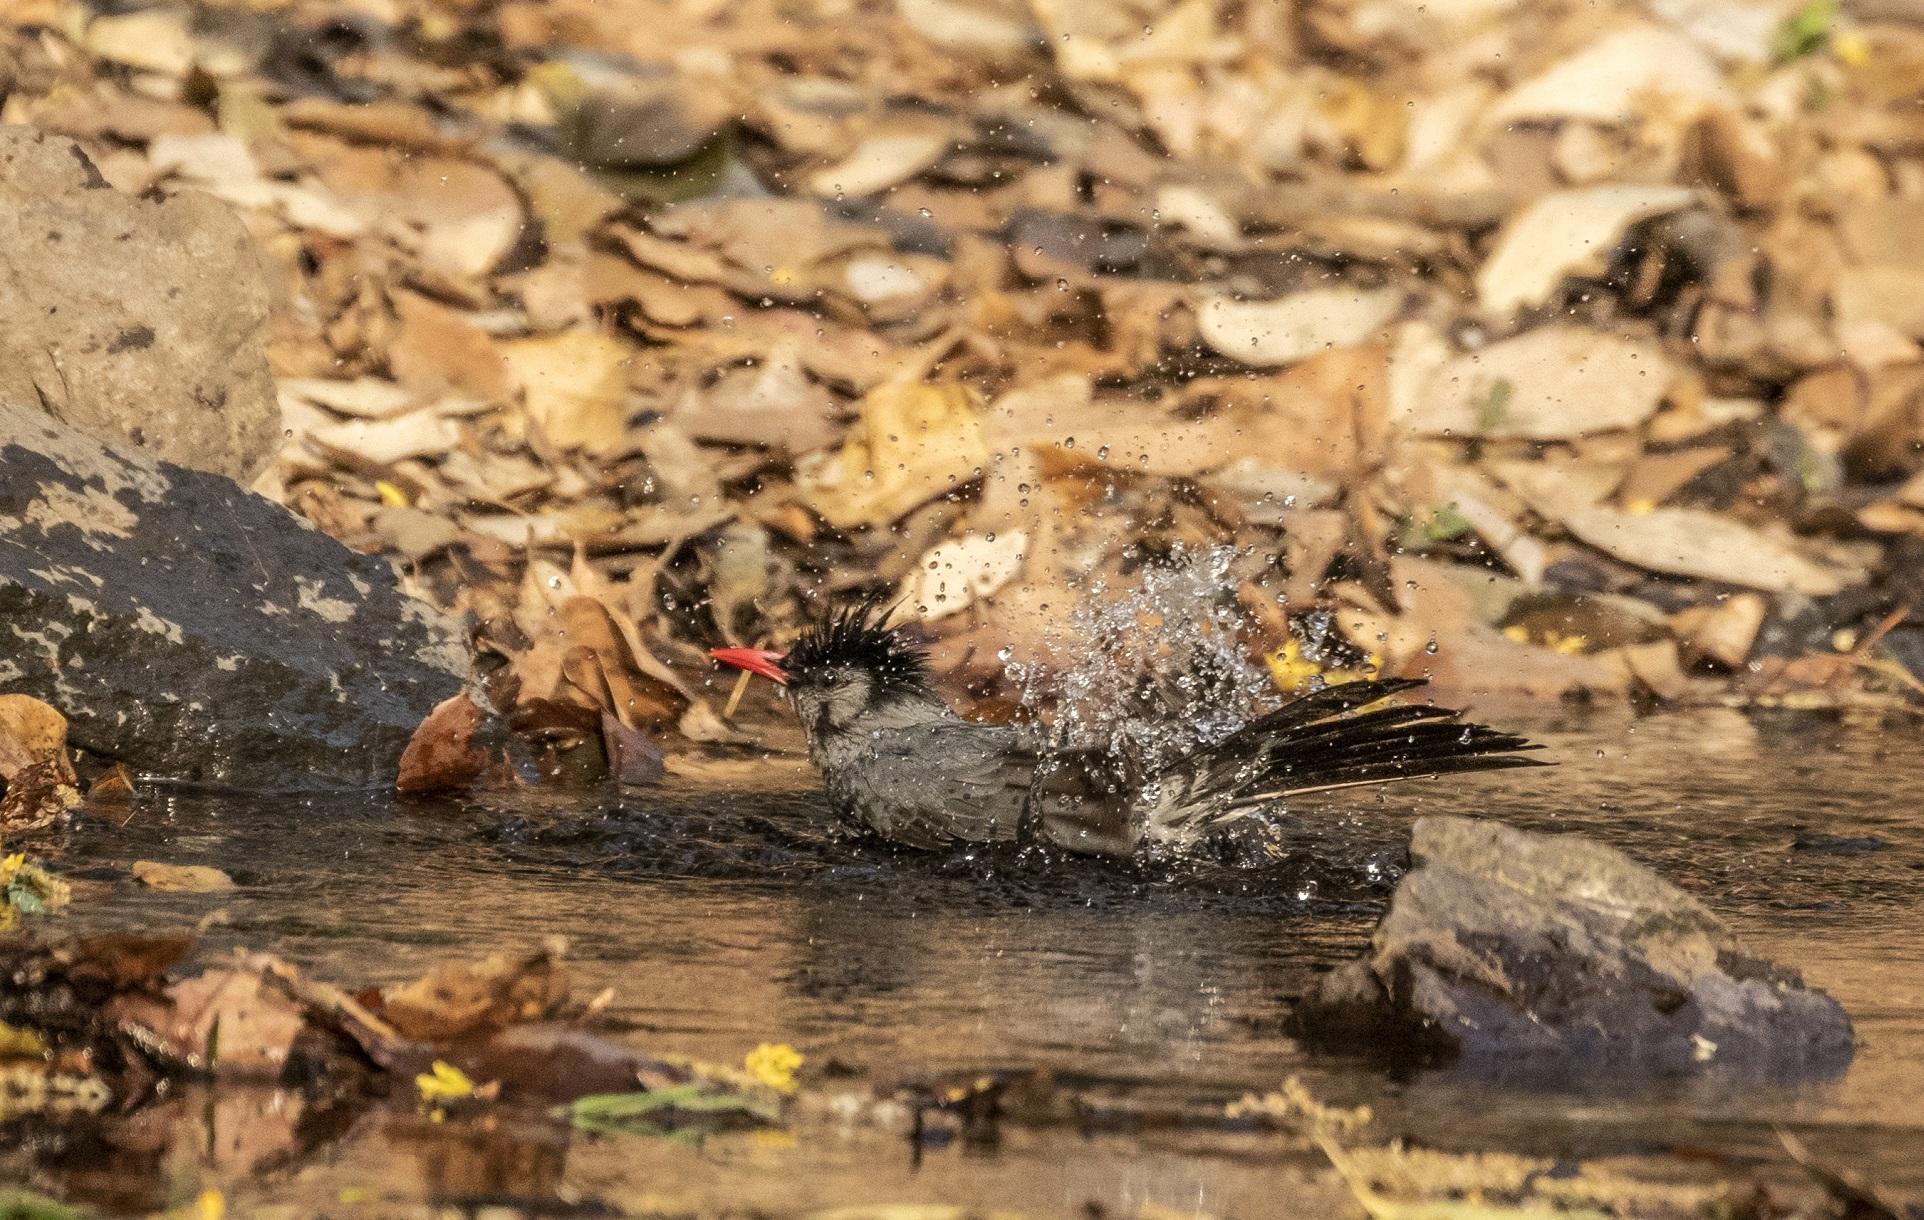 Bird bathing in pond at Sattal, Nainital.